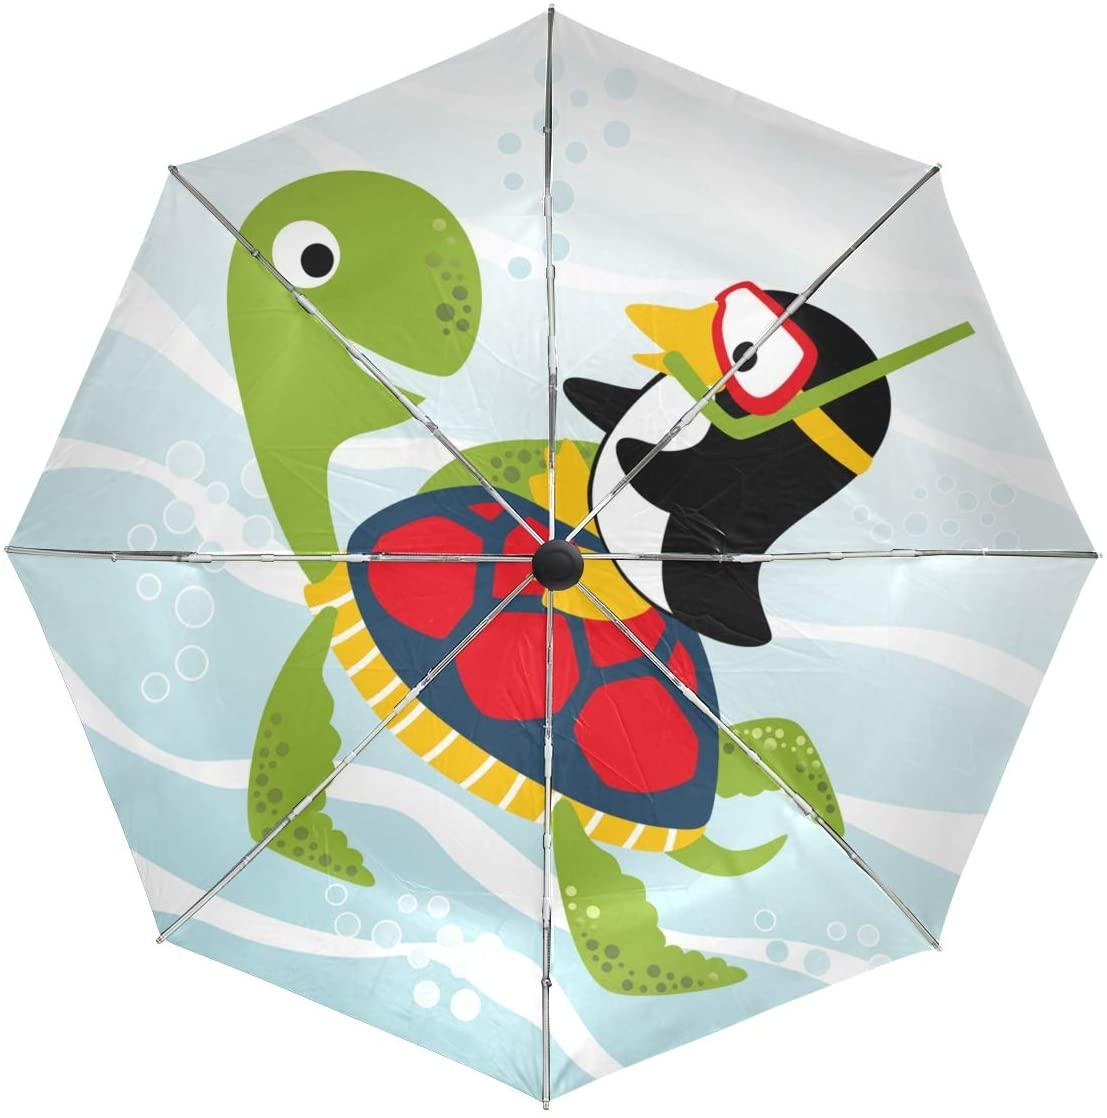 Sea Turtle Penguin Umbrella Large Travel Auto Open Close Sun Blocking Umbrellas for Women Men